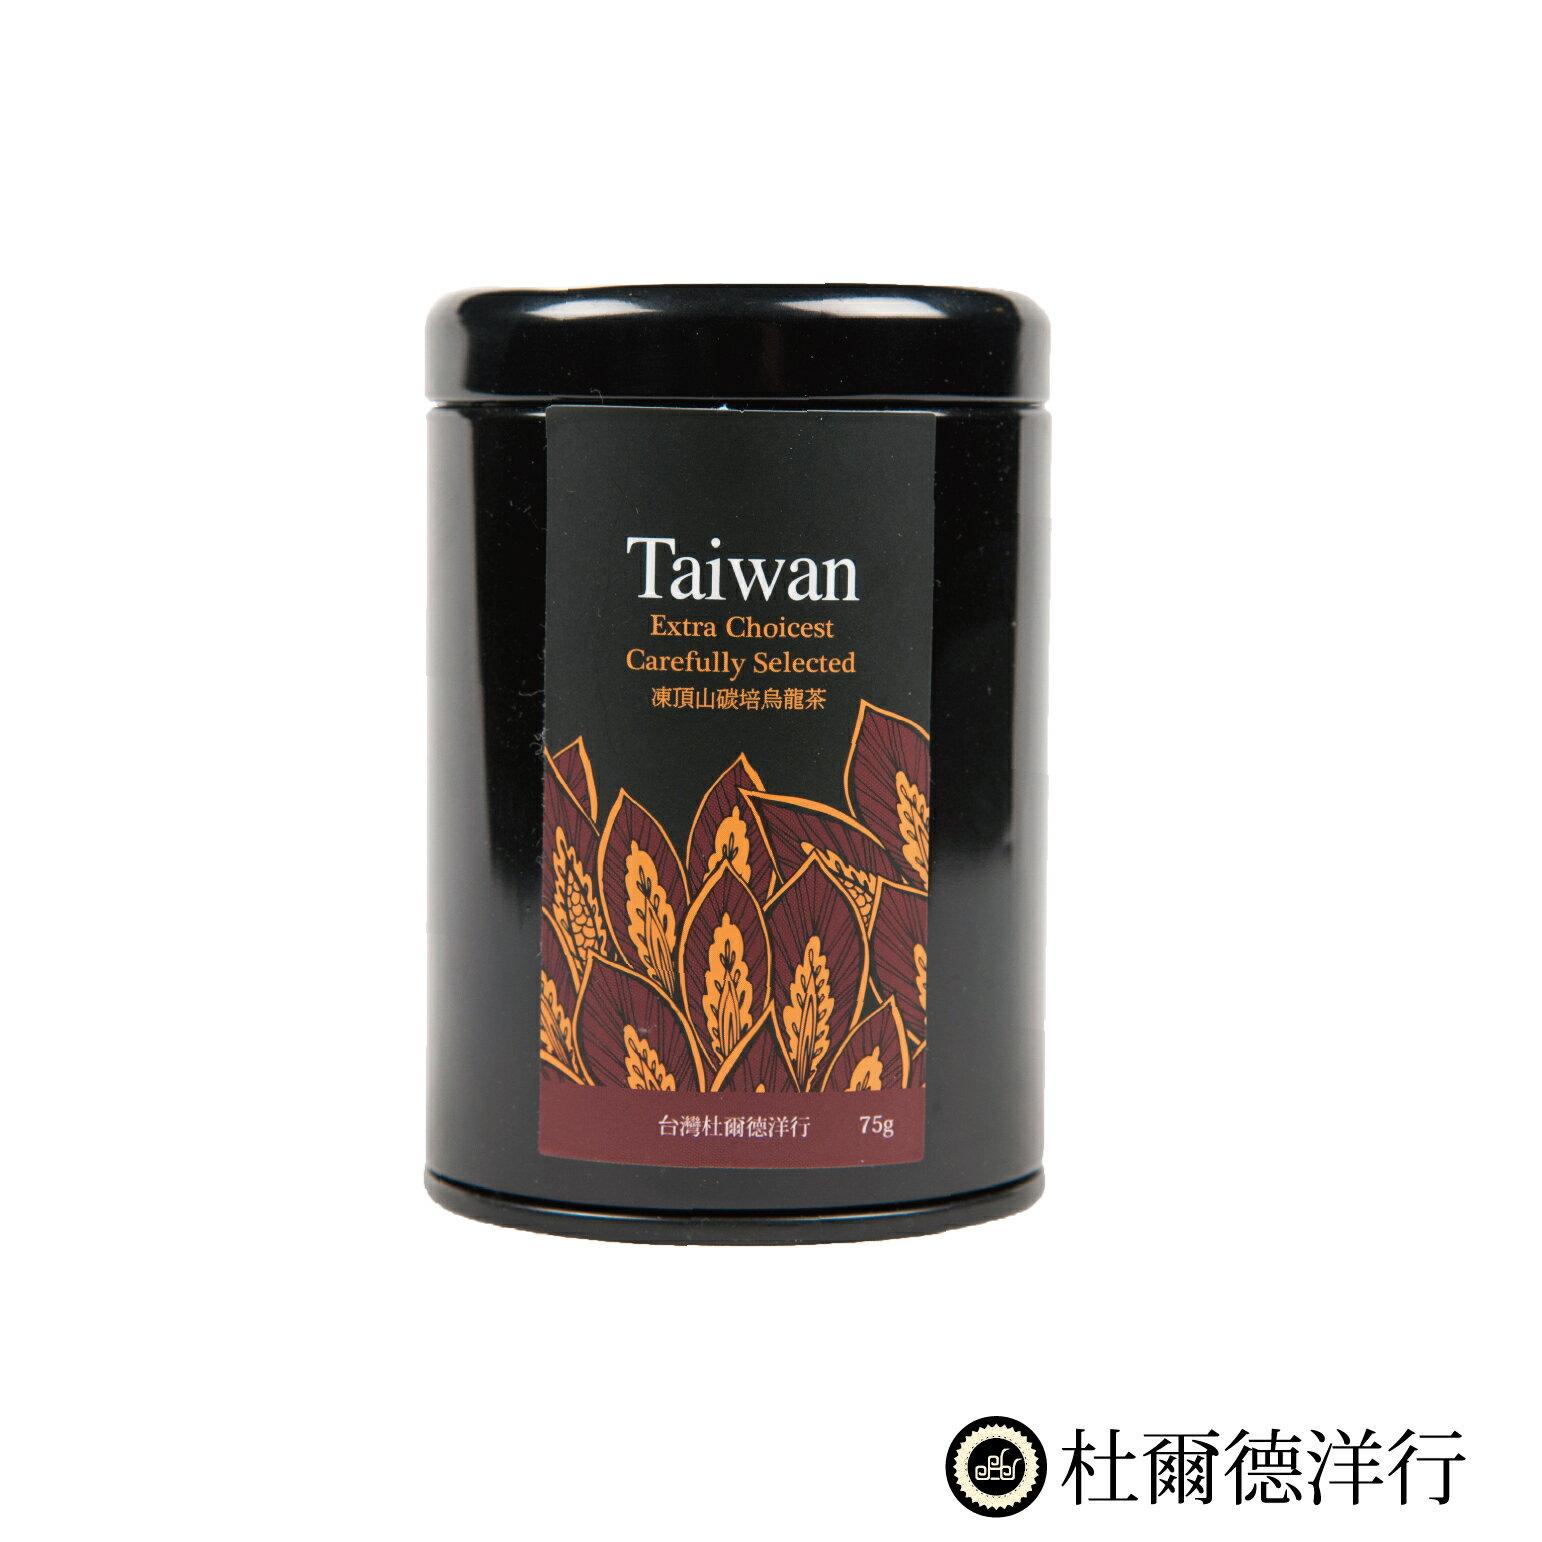 【杜爾德洋行 Dodd Tea】嚴選凍頂山碳培烏龍茶75g 0